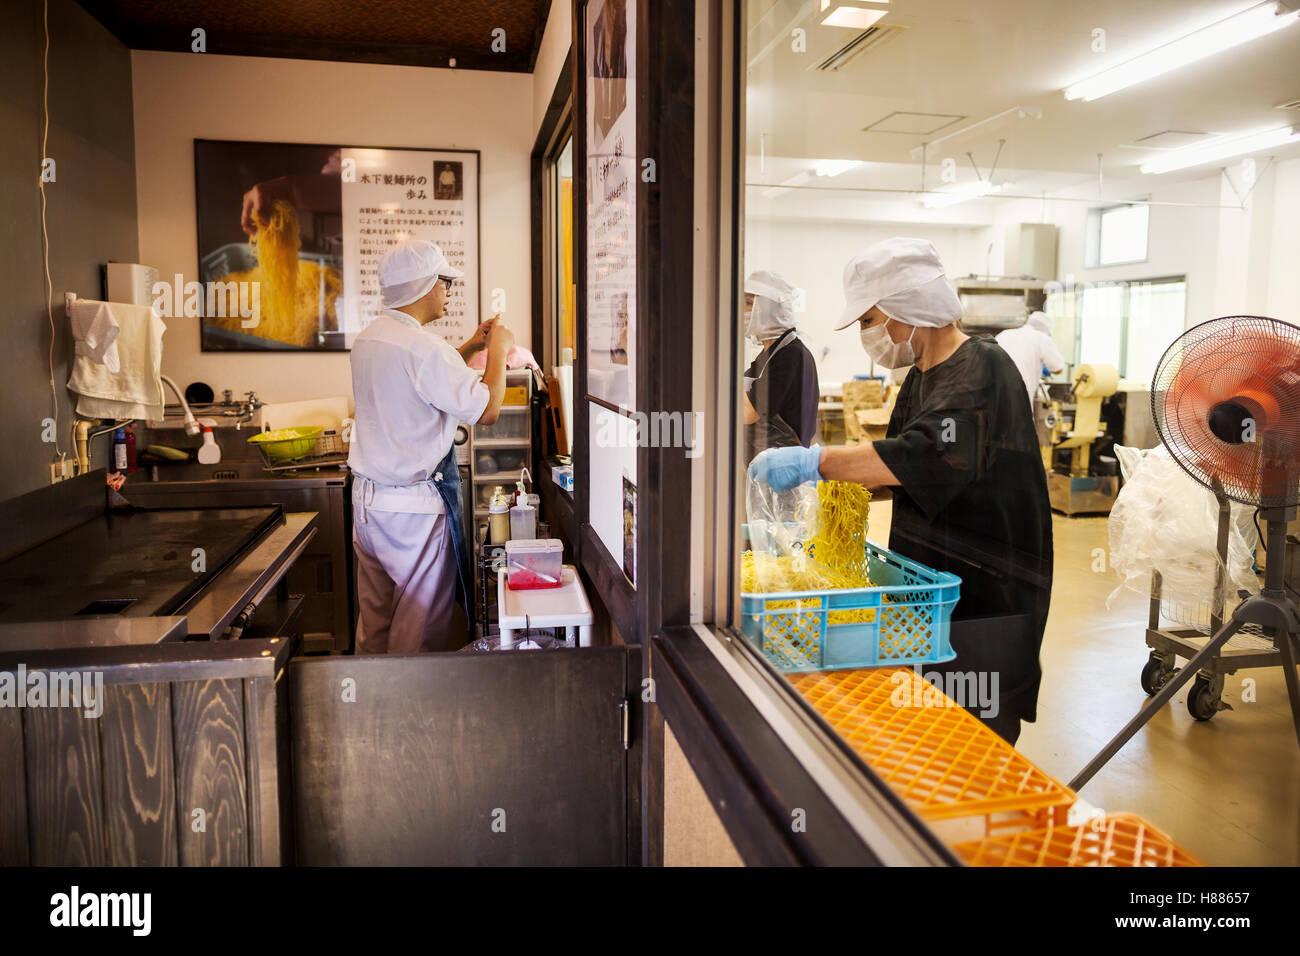 Unité de production en usine et servant une cuisine commerciale noodle shop. Les personnes qui travaillent Photo Stock